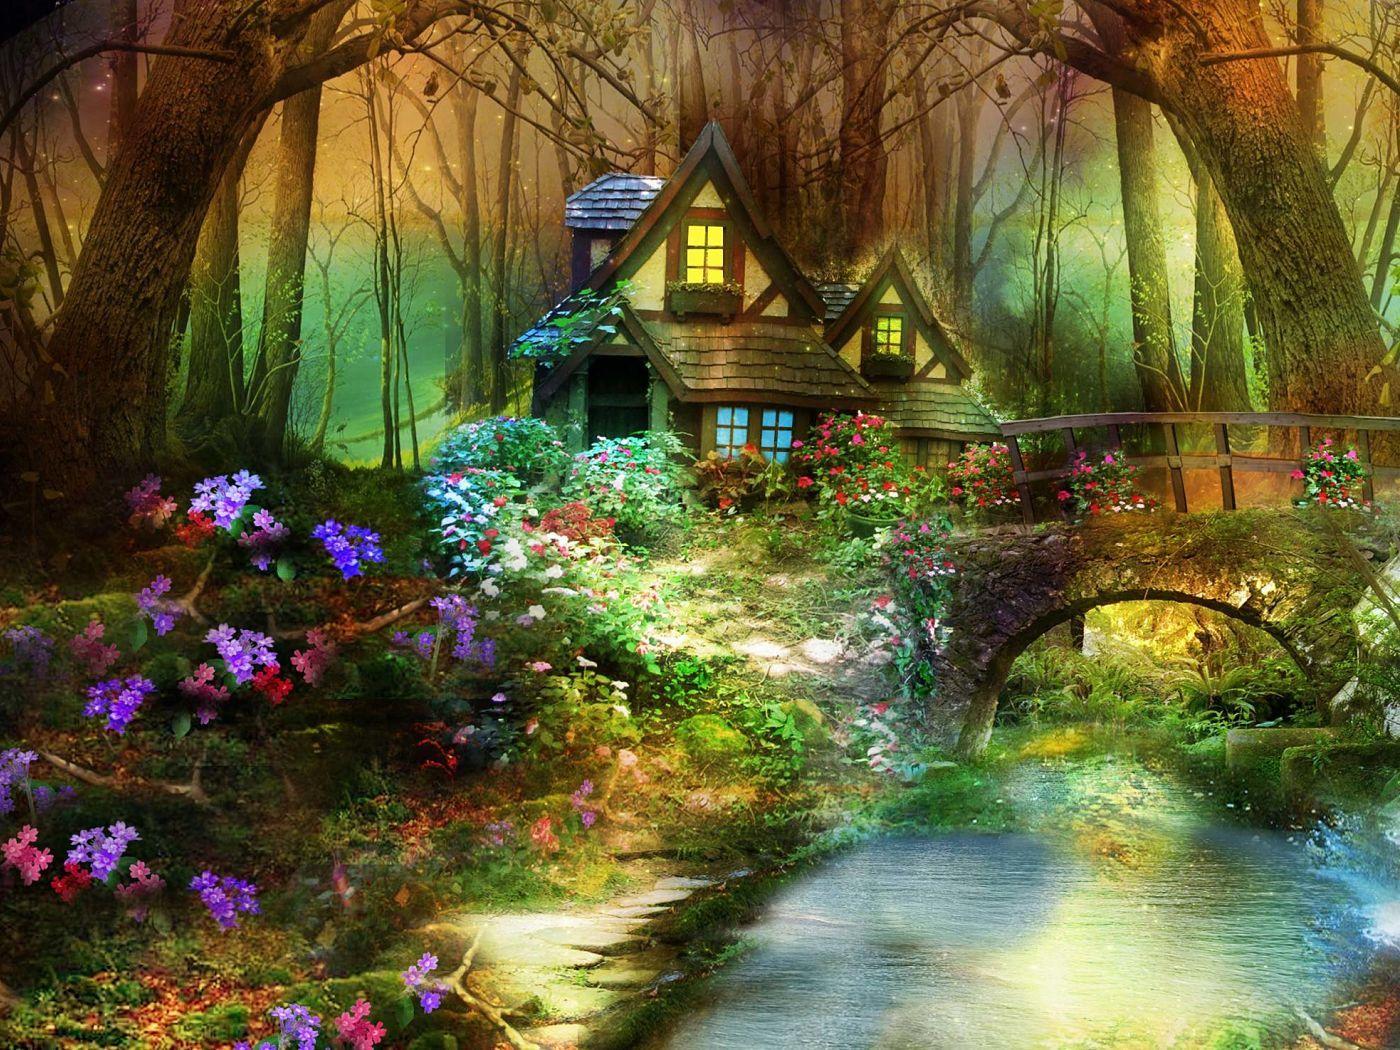 woodland house #digital #art #3d #creative #wallpaper | 3d